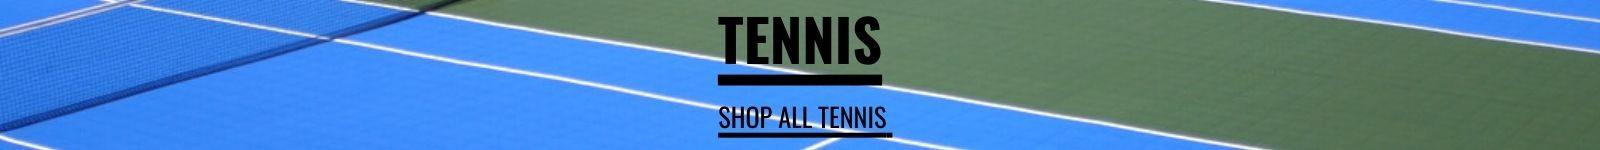 Shop All Tennis